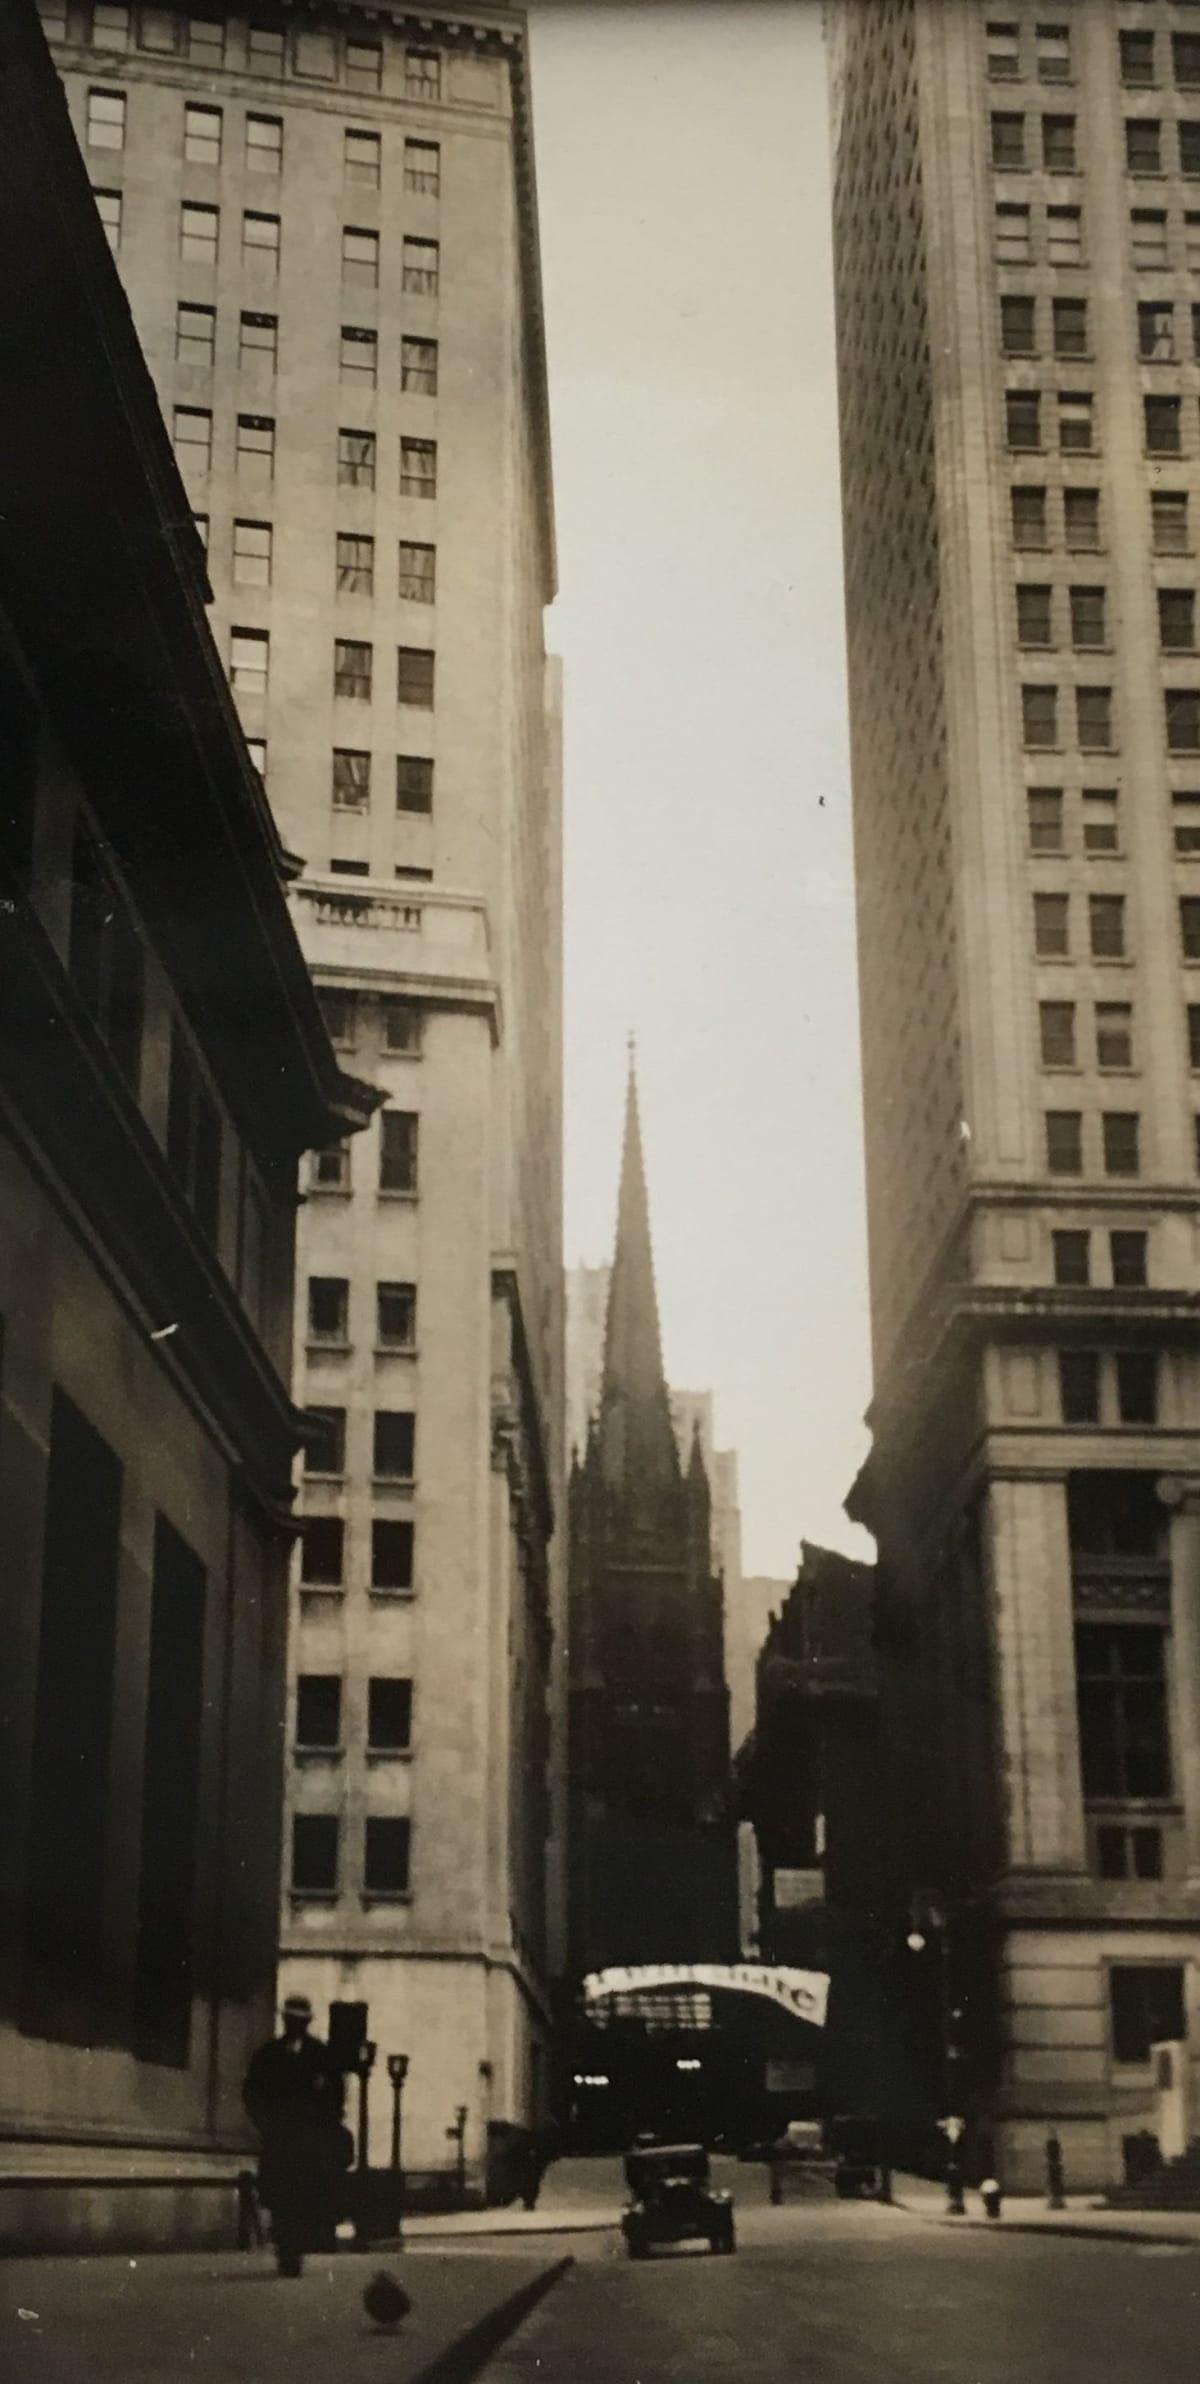 Fred Zinnemann 131 Wall St. Church, New York, Nov. 31 1931 Vintage gelatin silver print 2 1/2 x 4 inches